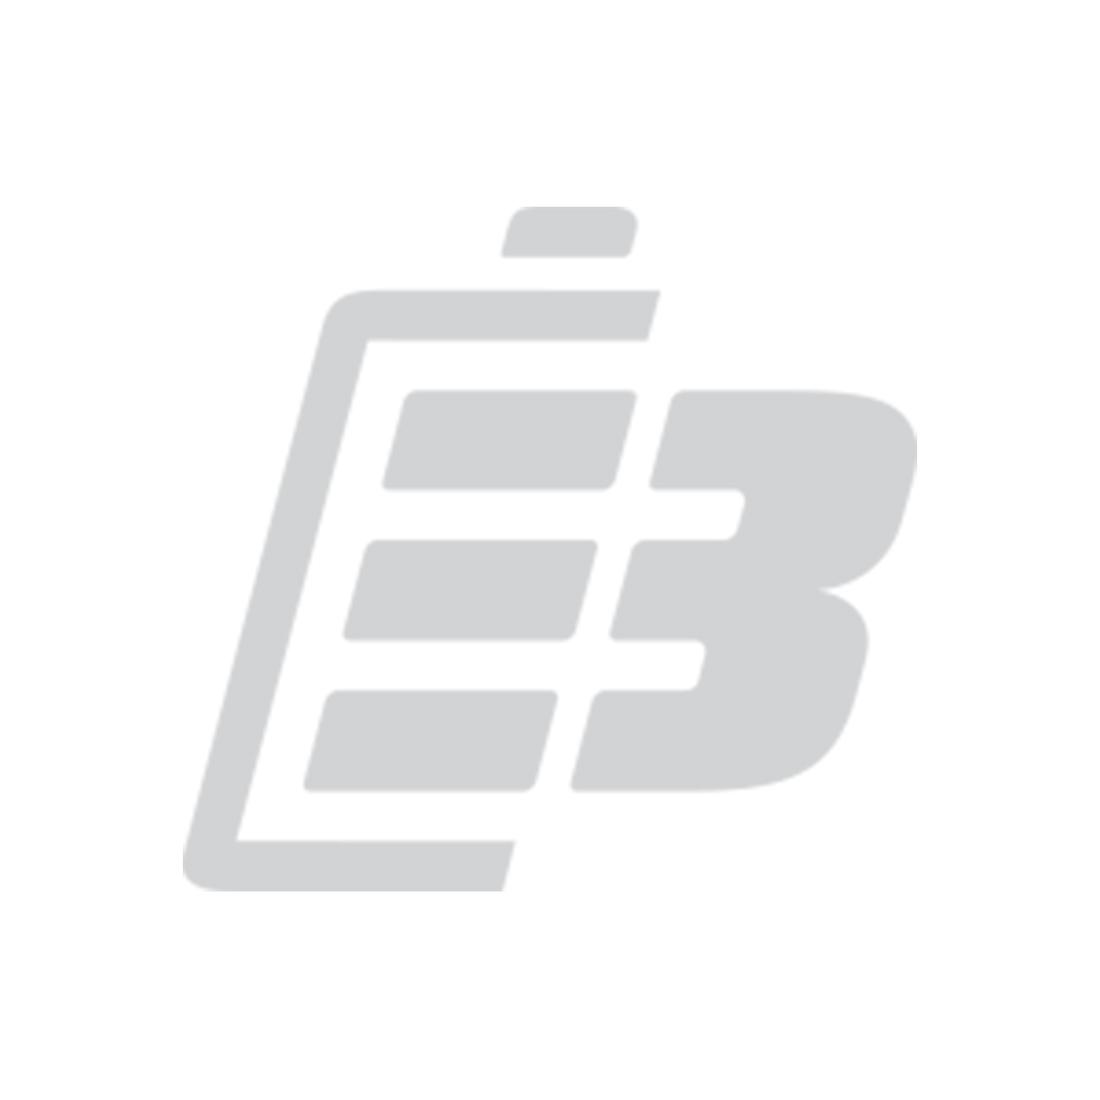 Μπαταρία Laptop Fujitsu LifeBook E8410_1